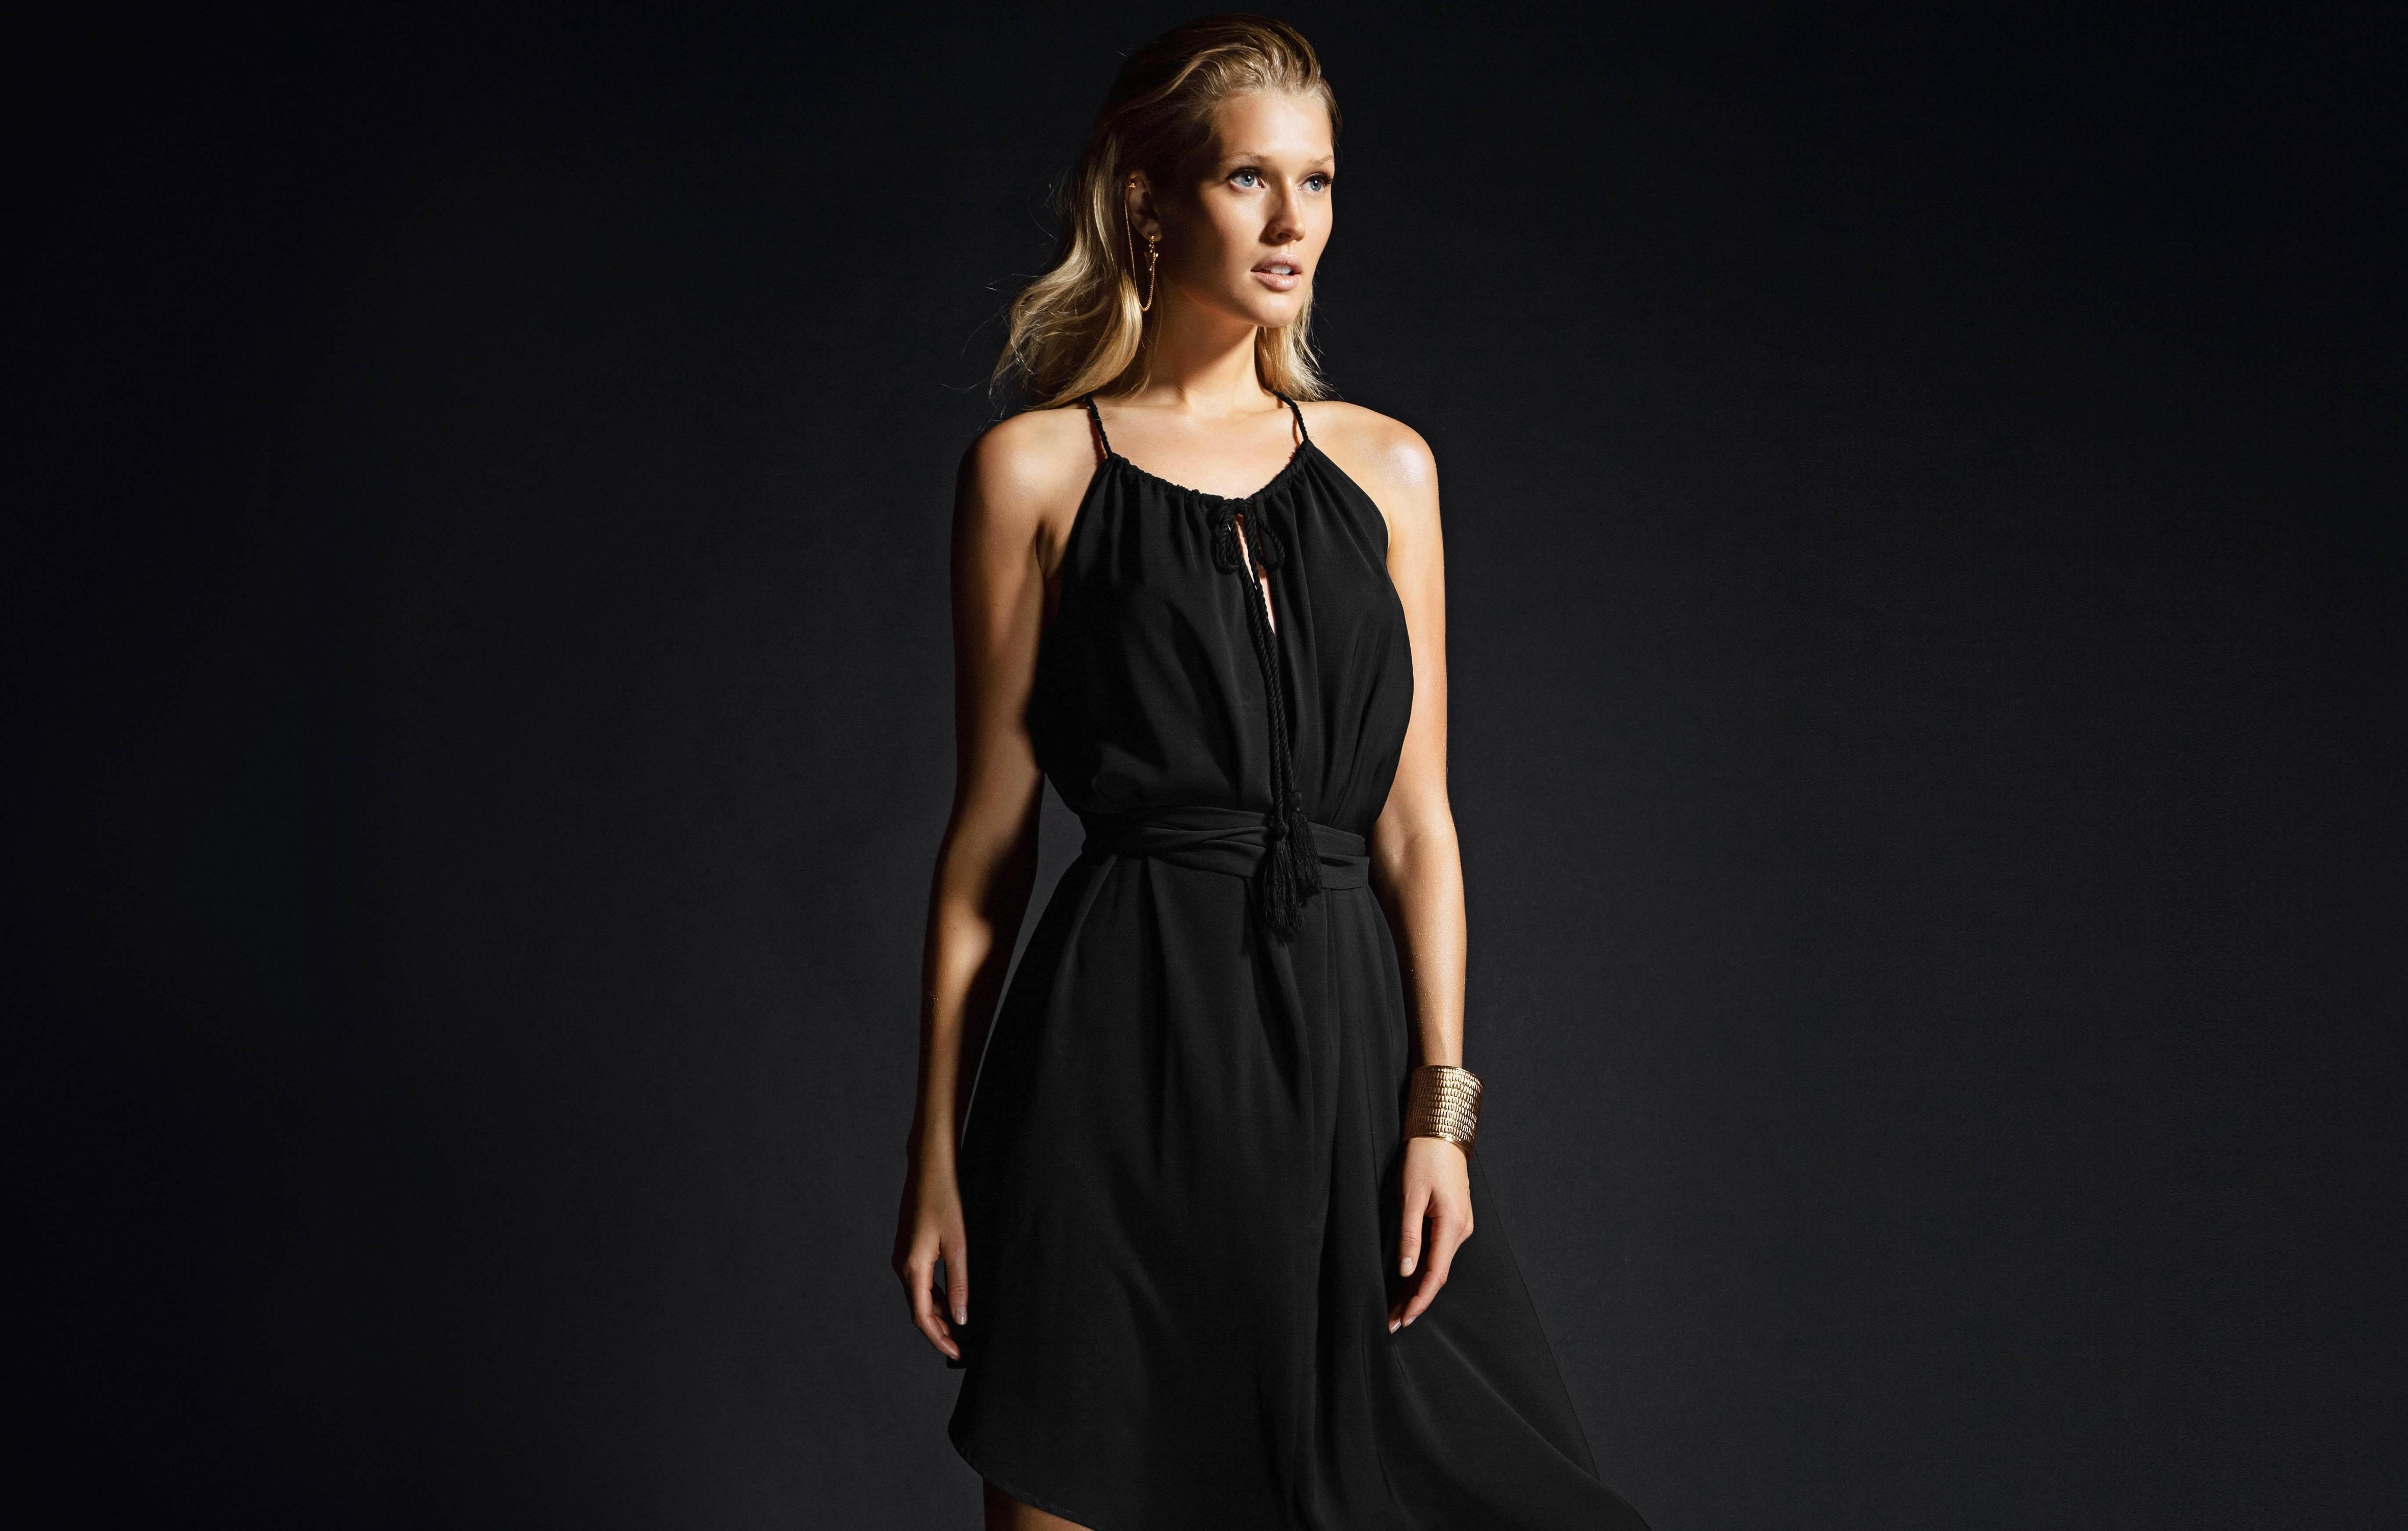 Фото модели в черном платье 189